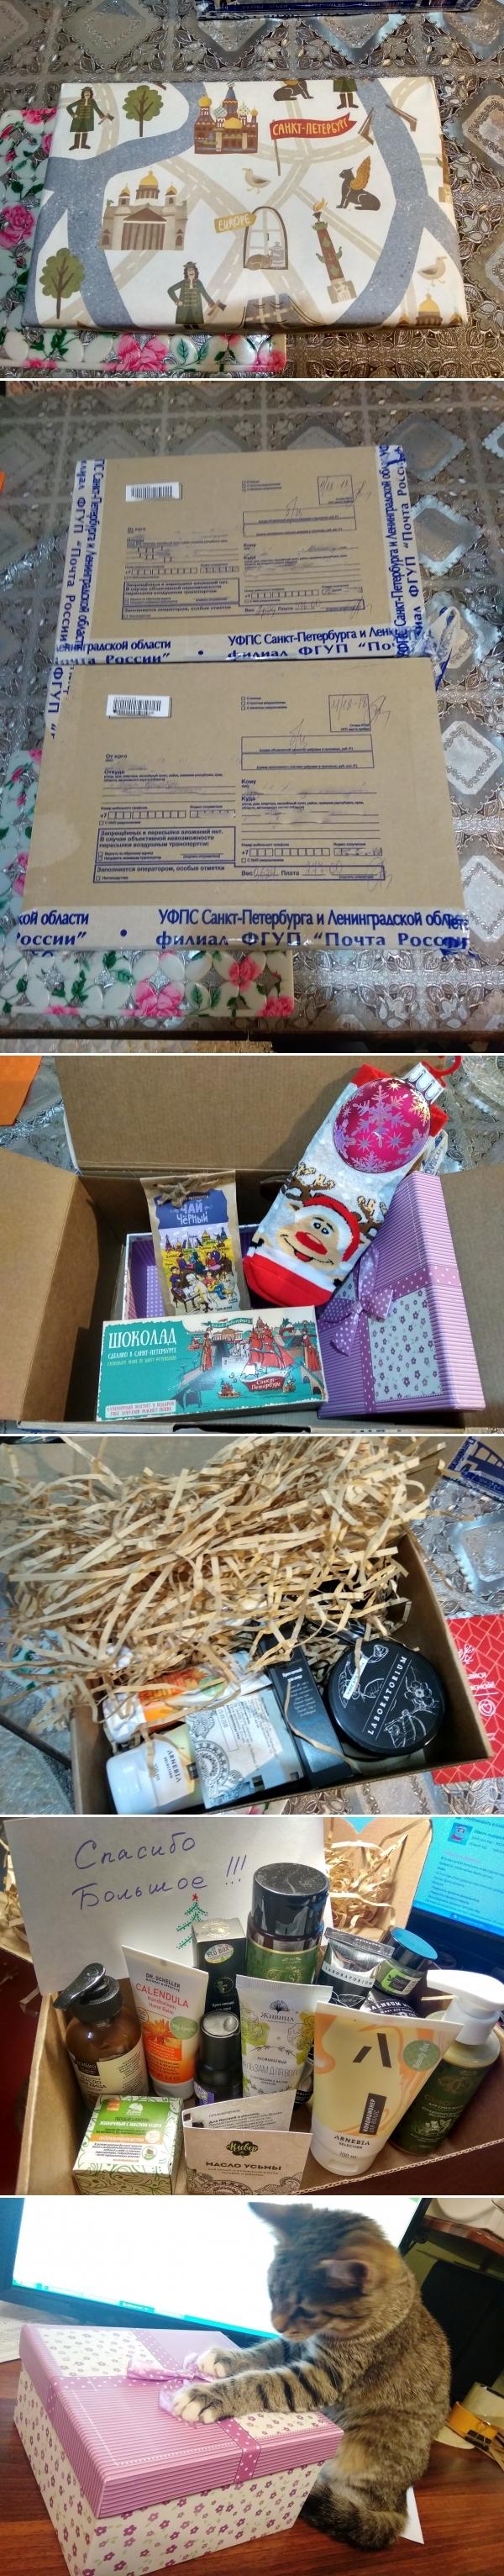 Подарок Анонимного Деда Мороза из Санкт- Петербурга в Майкоп Отчет по обмену подарками, Новый год, Новогодний обмен подарками, Обмен подарками, Длиннопост, Тайный Санта